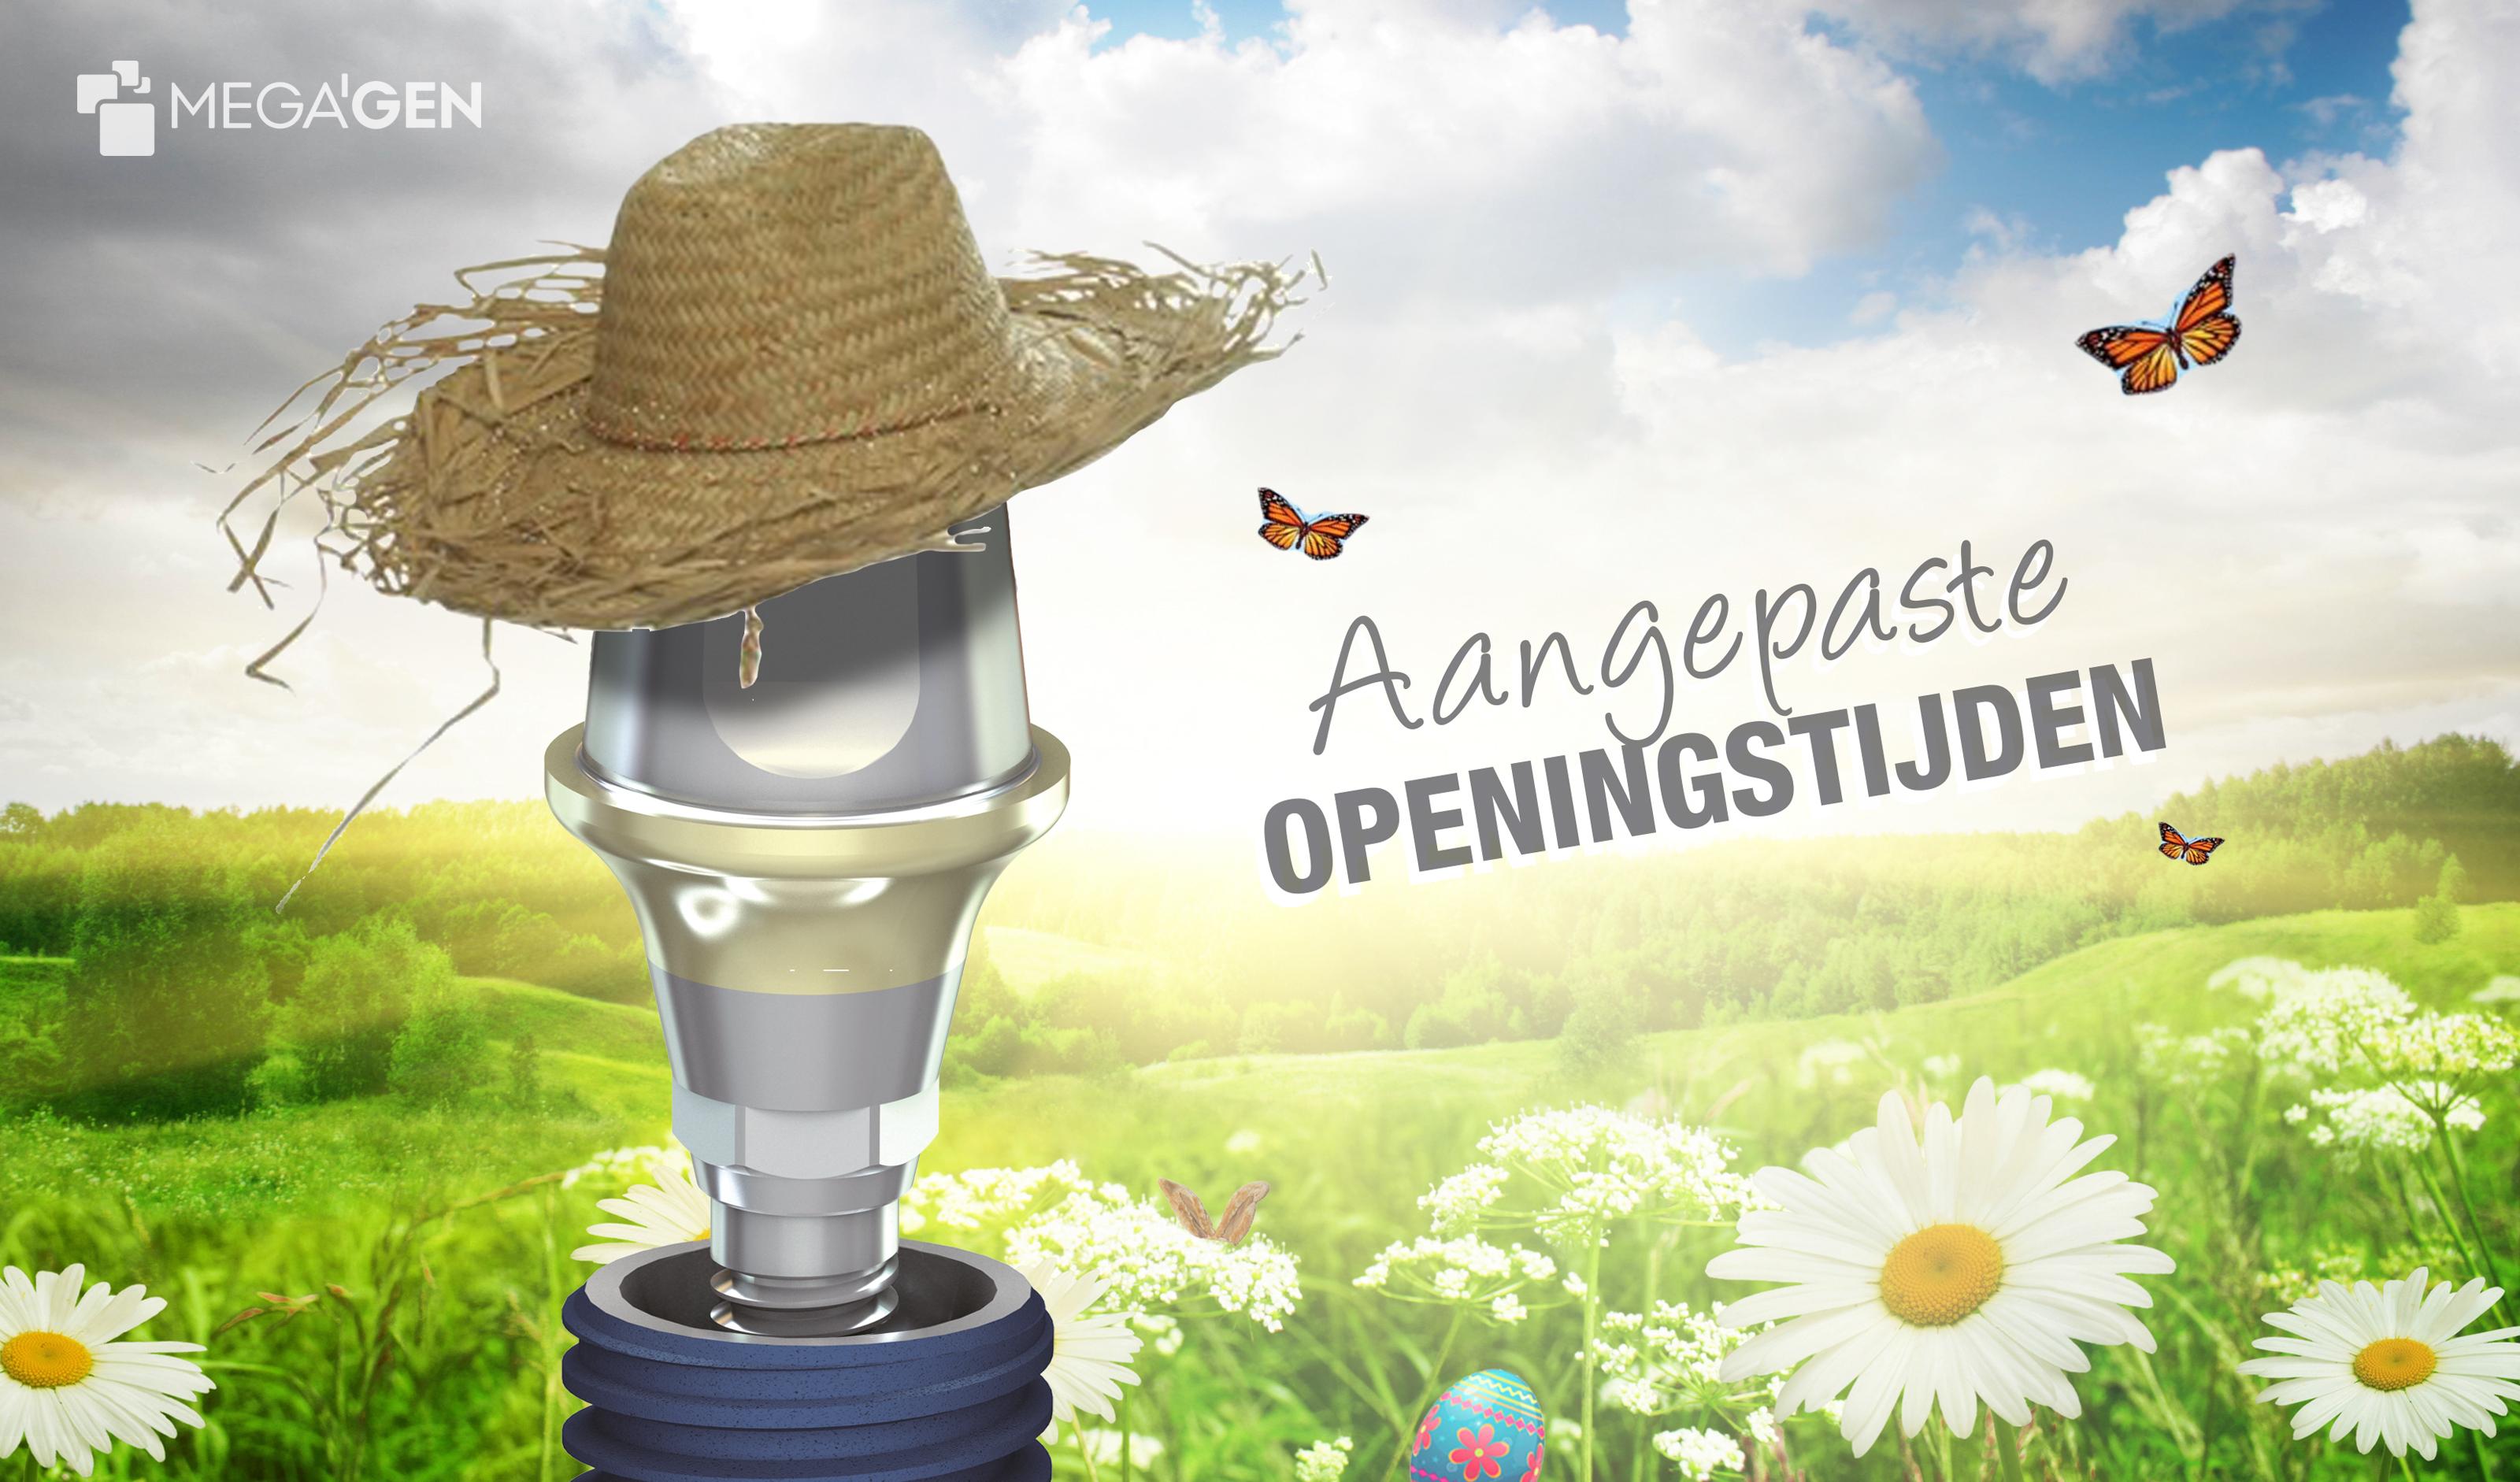 Aangepaste openingstijden voorjaar megagen